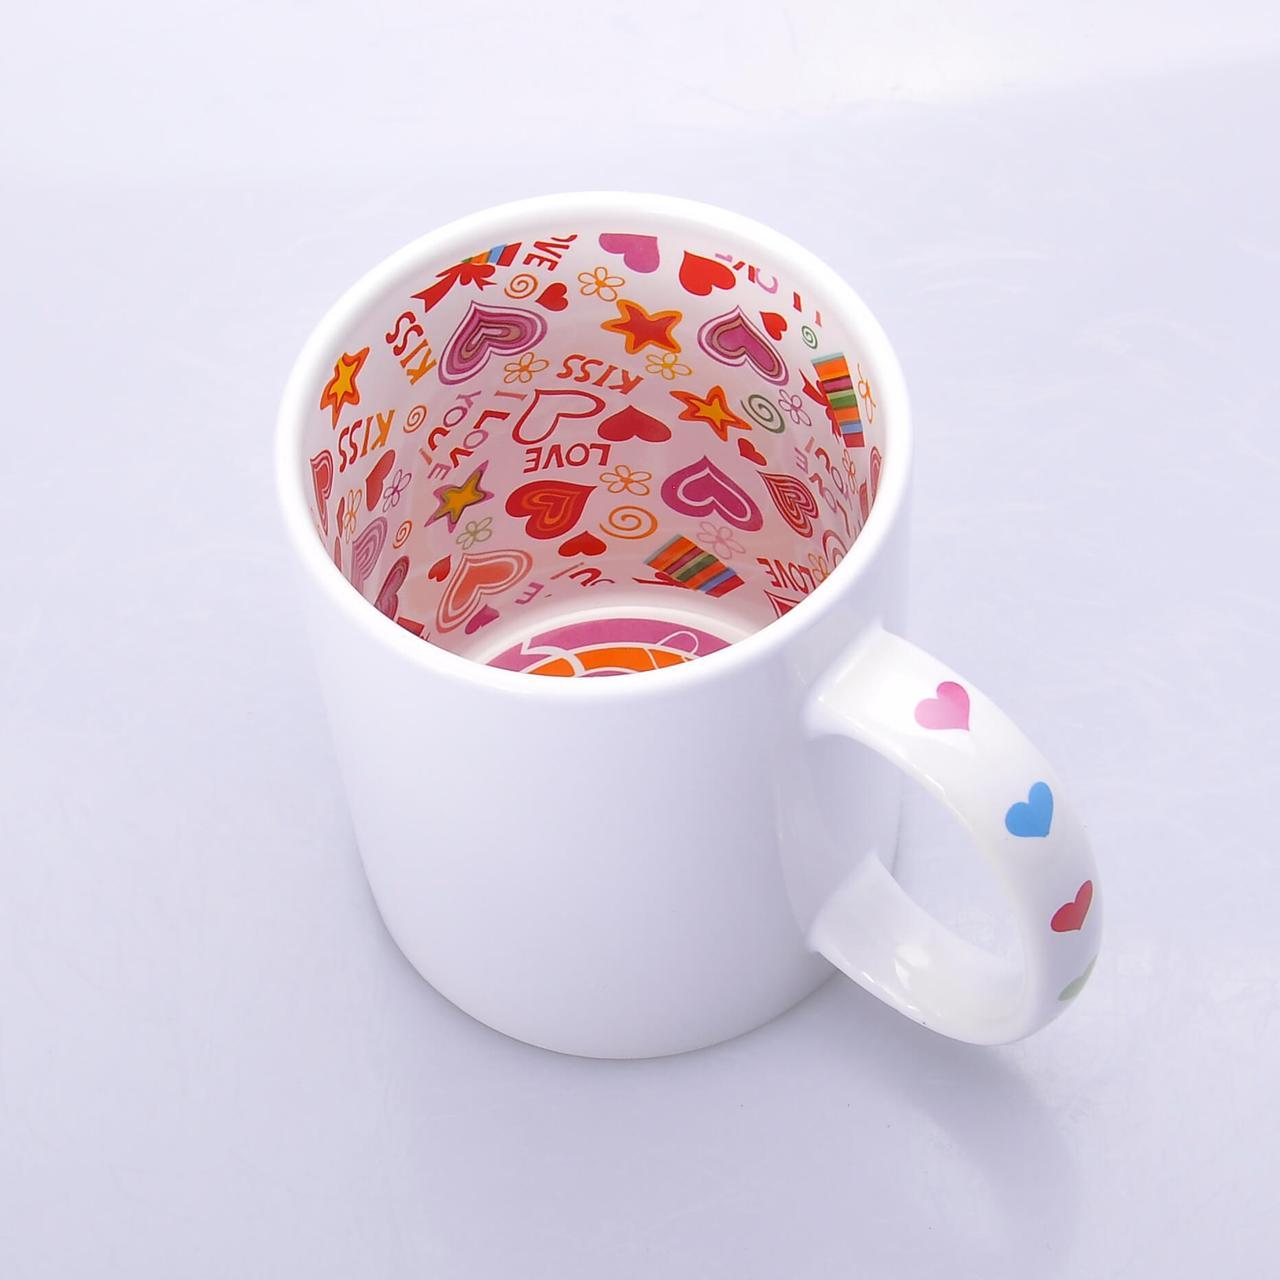 Чашка сублимационная Premium белая с рисунком внутри 330мл (Вариант 2)